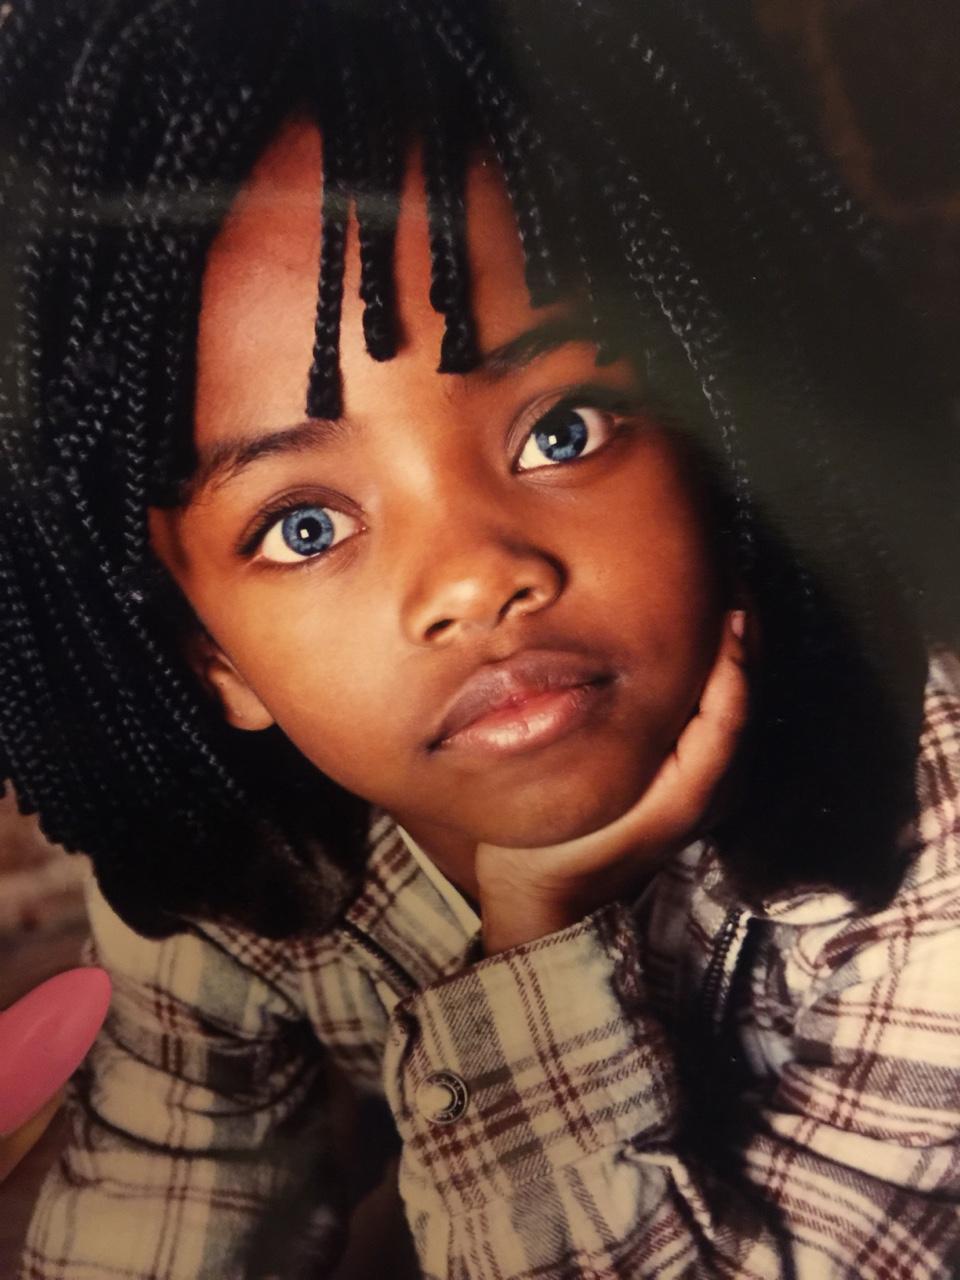 صورة طفل افريقي يمتلك اجمل عيون في الكون سبحان الله , اطفال من اصول افريقية بعيون ساحرة